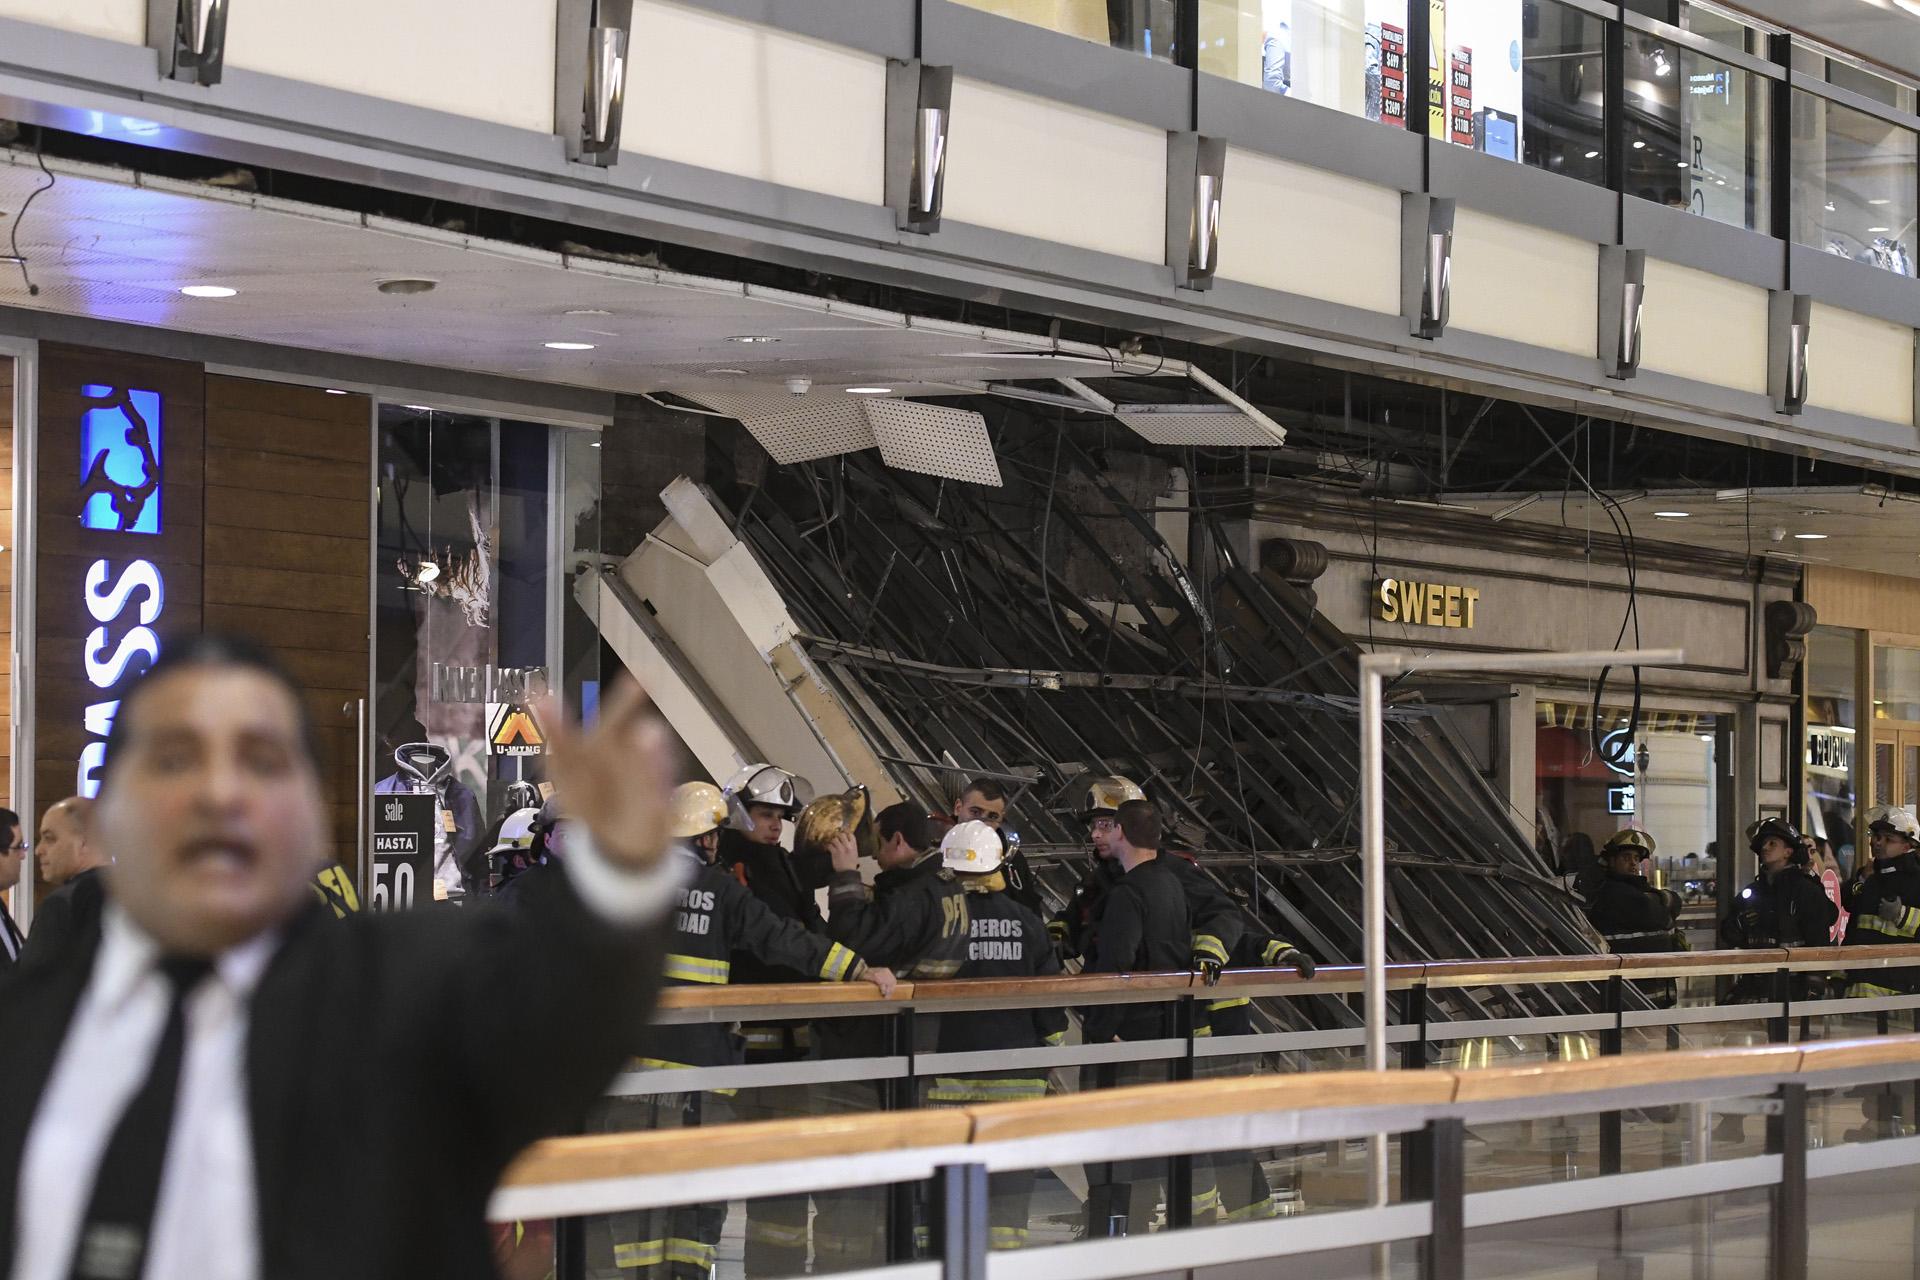 Una parte del techo del primer piso del shopping Abasto se cayó esta tarde y aunque no hubo heridos ya que nadie pasaba por el lugar en el momento del derrumbe, el hecho generó alarma entre los asistentes, parte de los cuales fueron evacuados por los bomberos